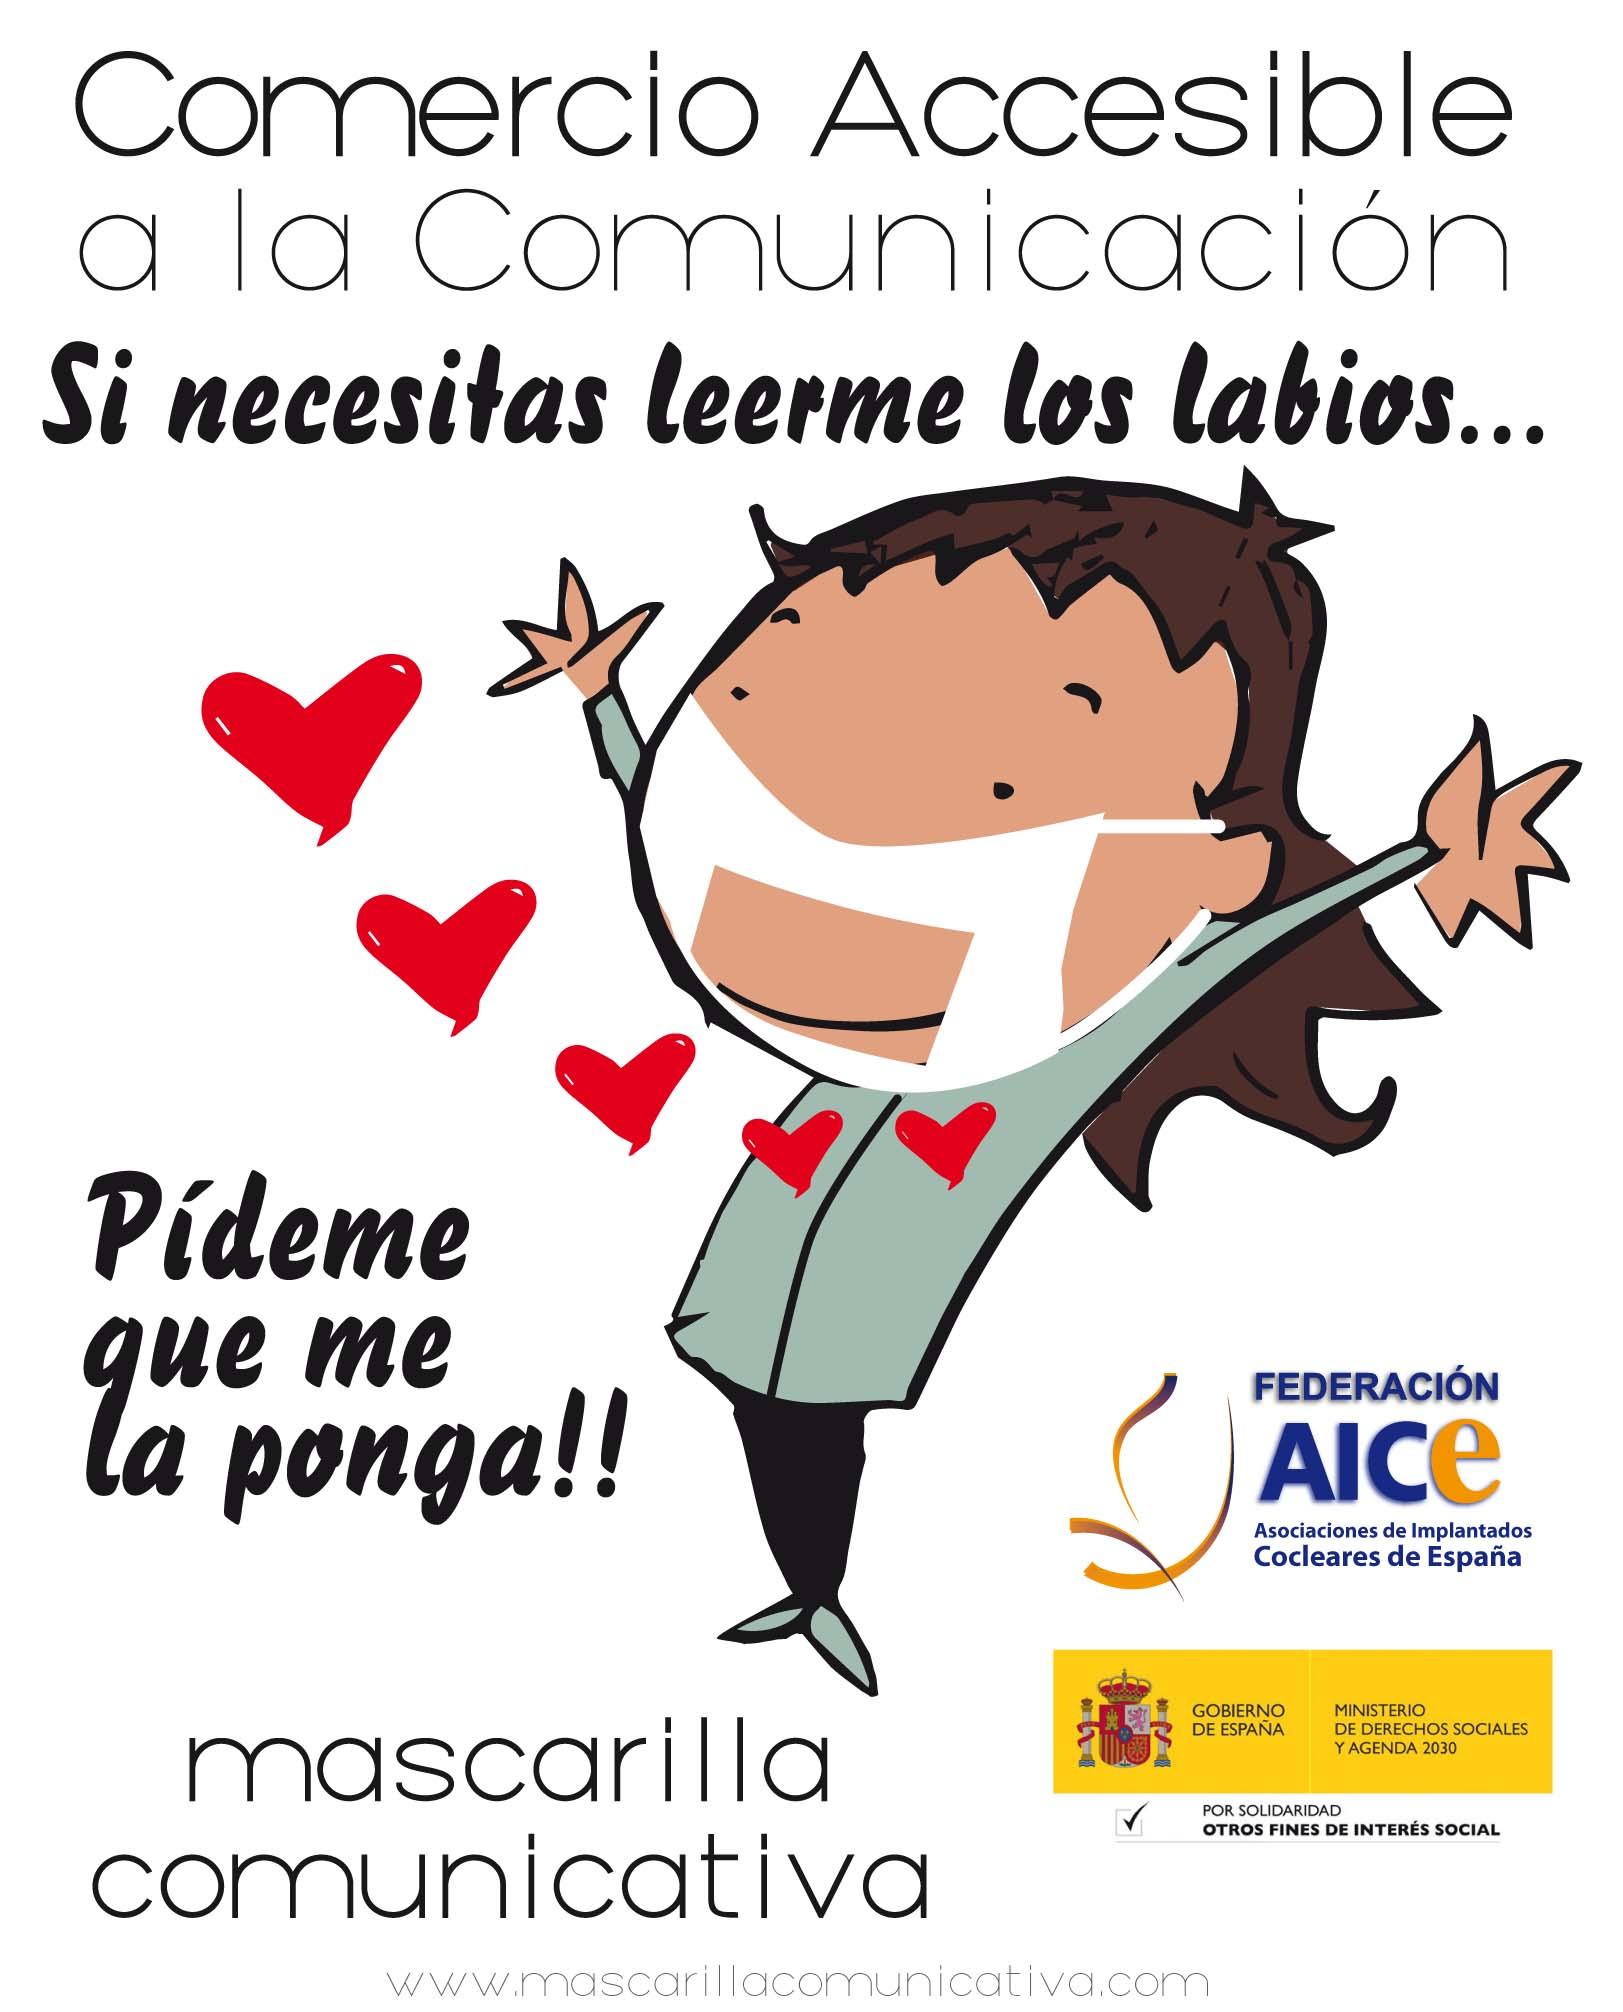 AICE, ESPANA, Campaña Comercio Accesible!